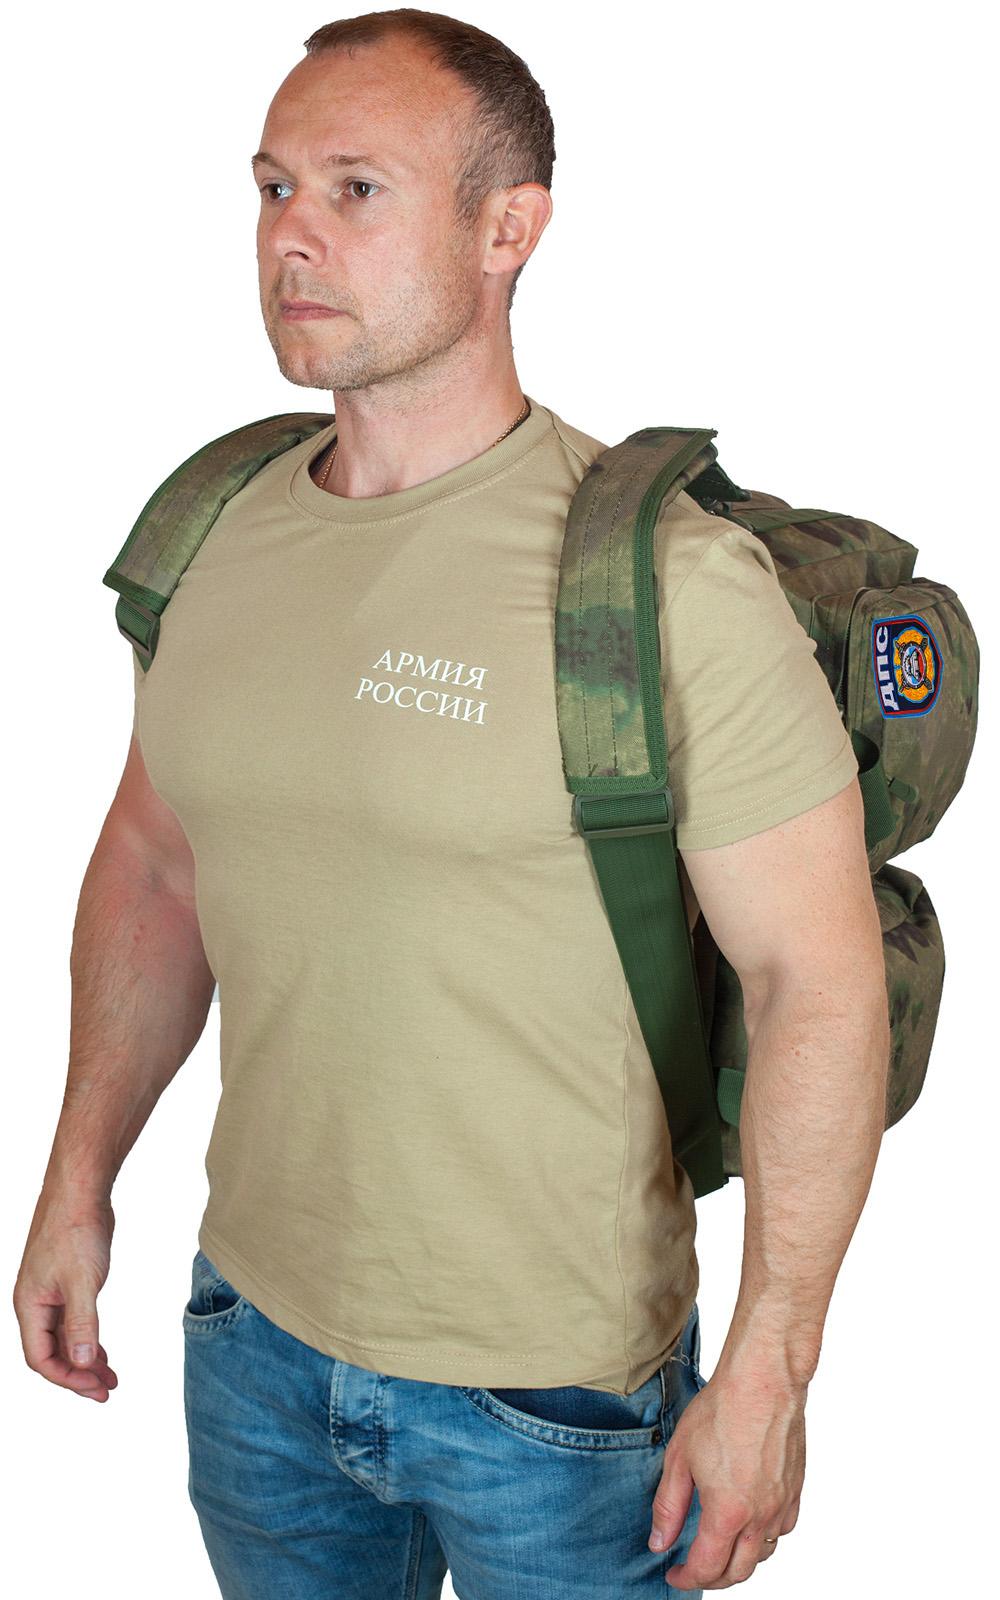 Тактическая камуфляжная сумка с нашивкой ДПС - купить в подарок